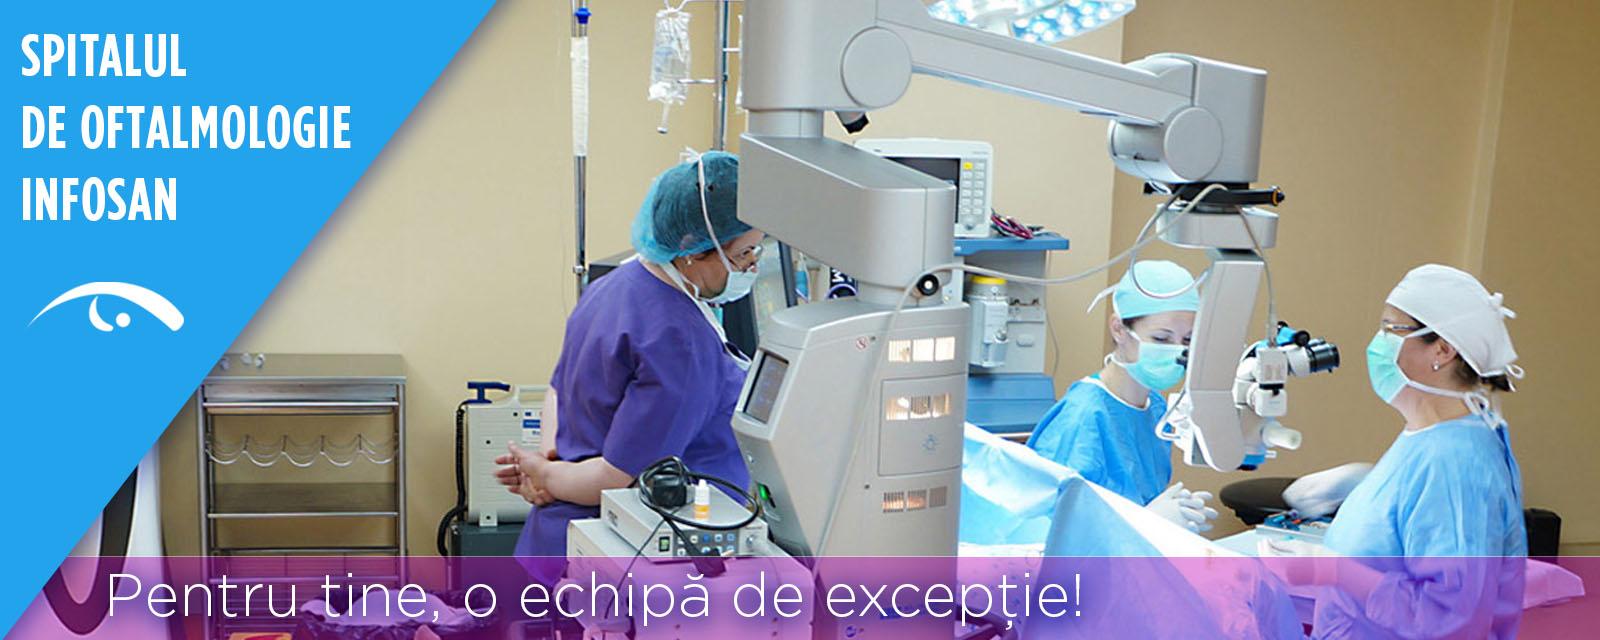 strabism - Spitalul Clinic de Urgențe Oftalmologice București